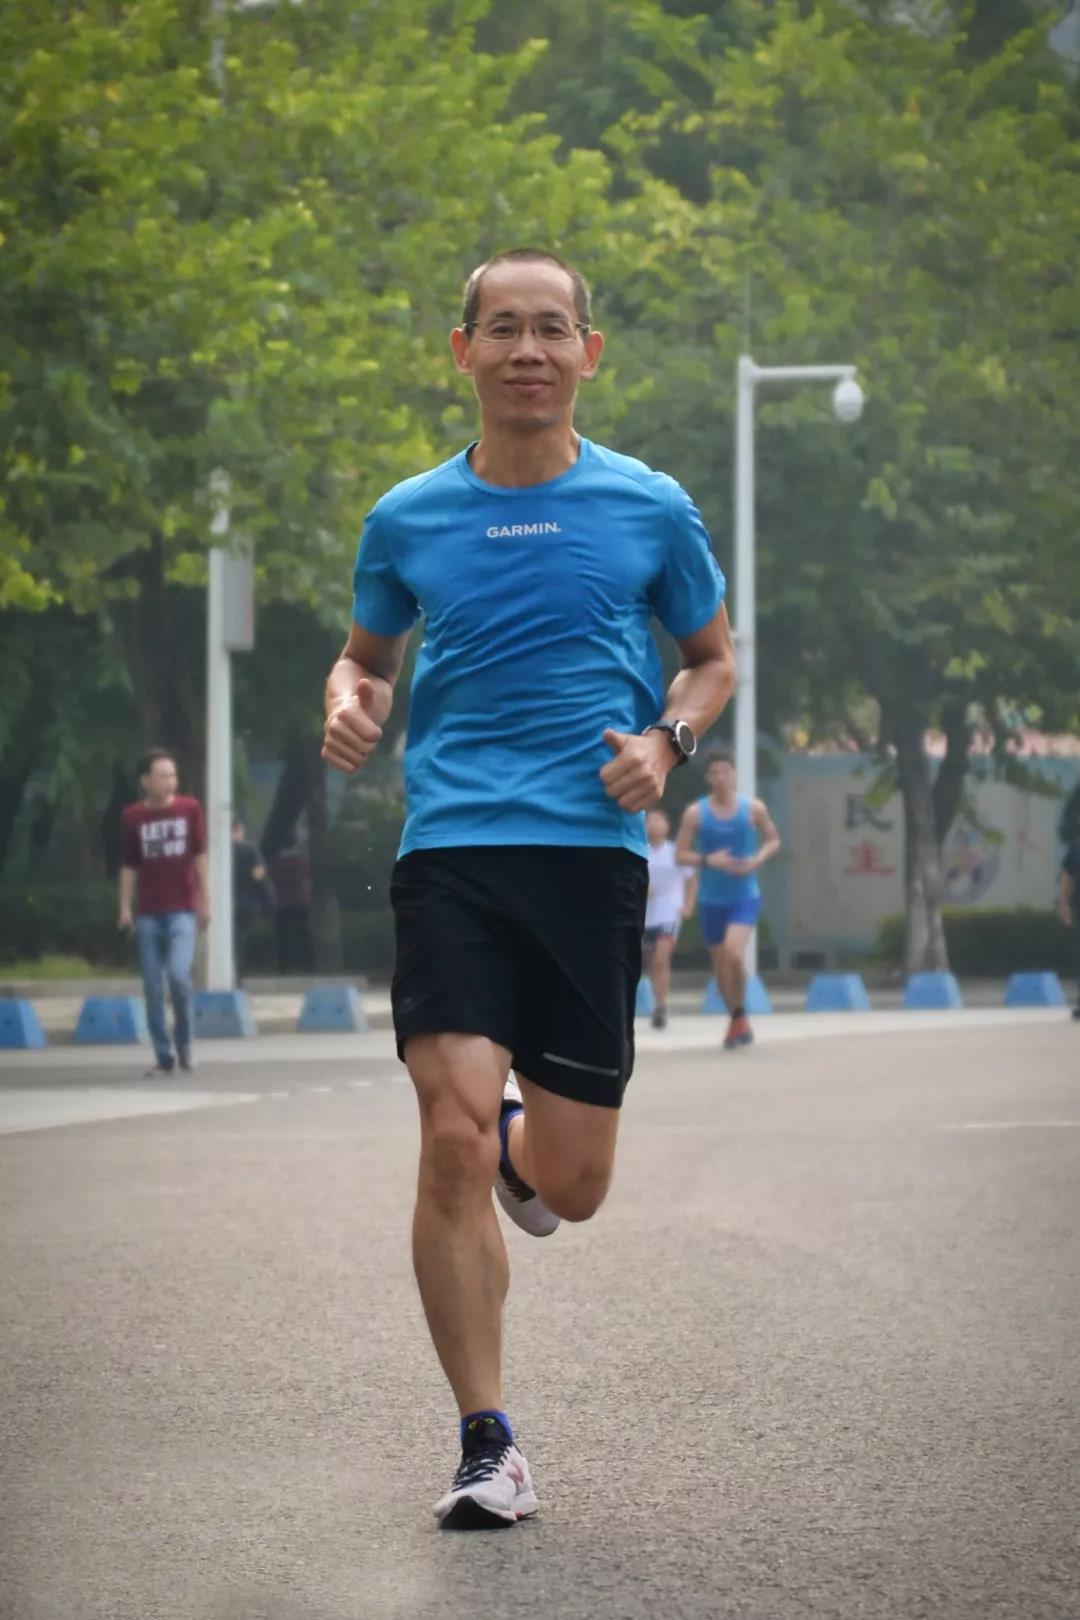 http://img.sport-china.cn/181022155bcd8013c5586.jpeg